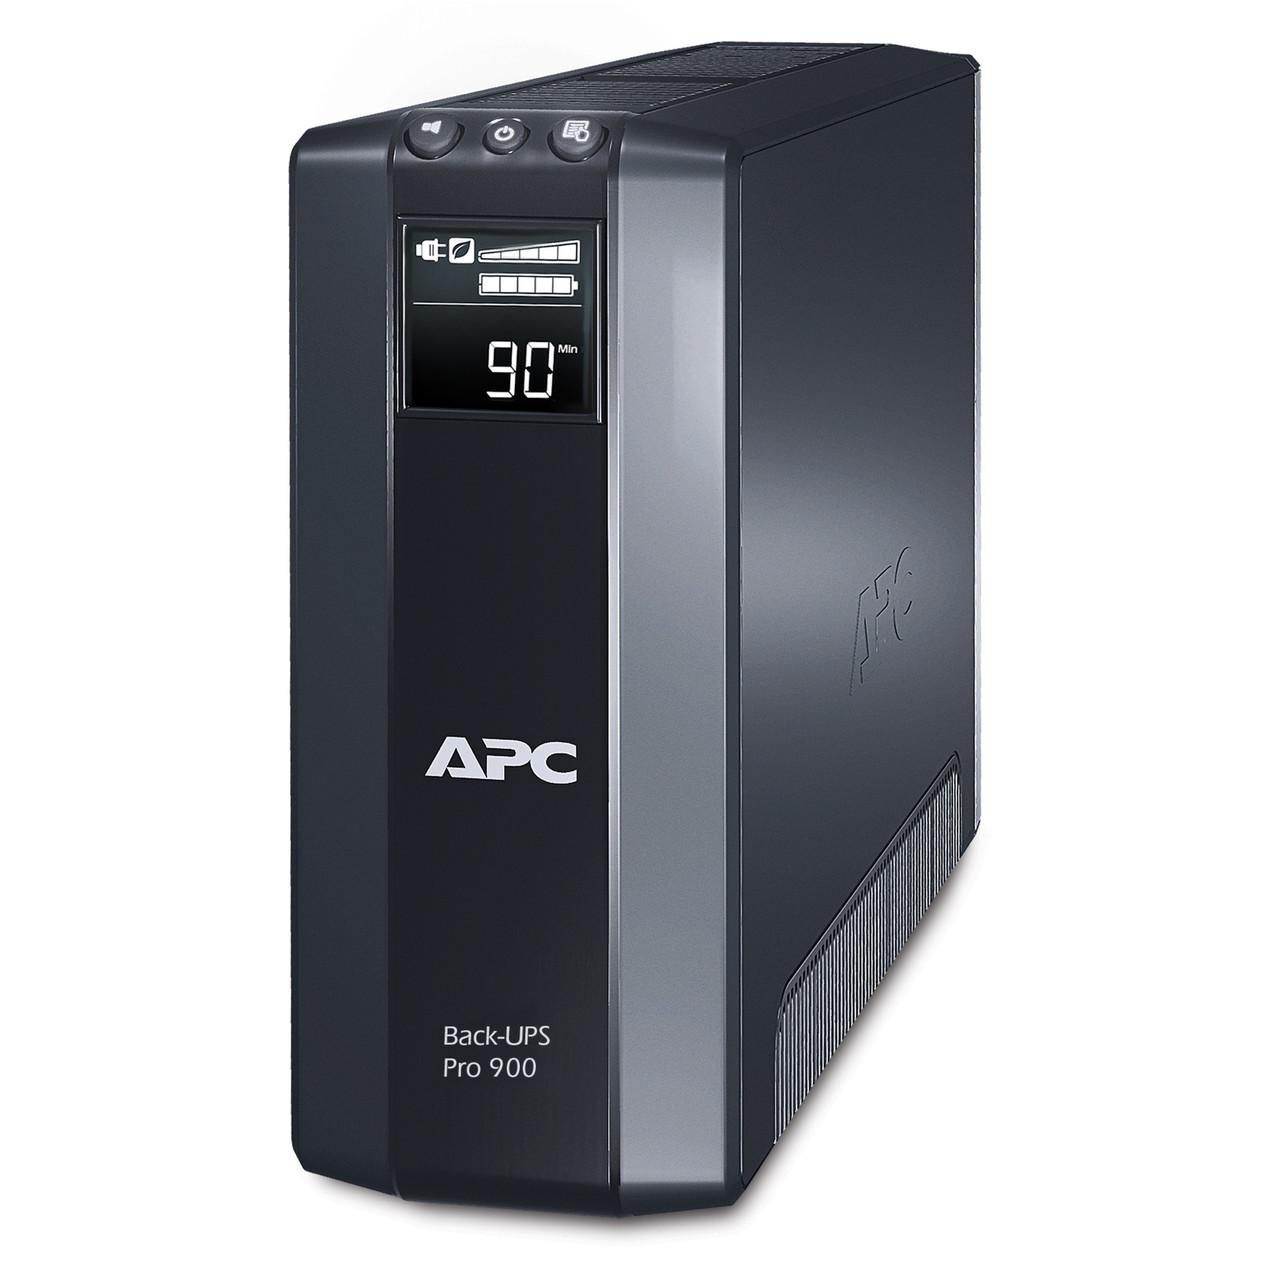 ИБП APC BR900GI (BR900GI)